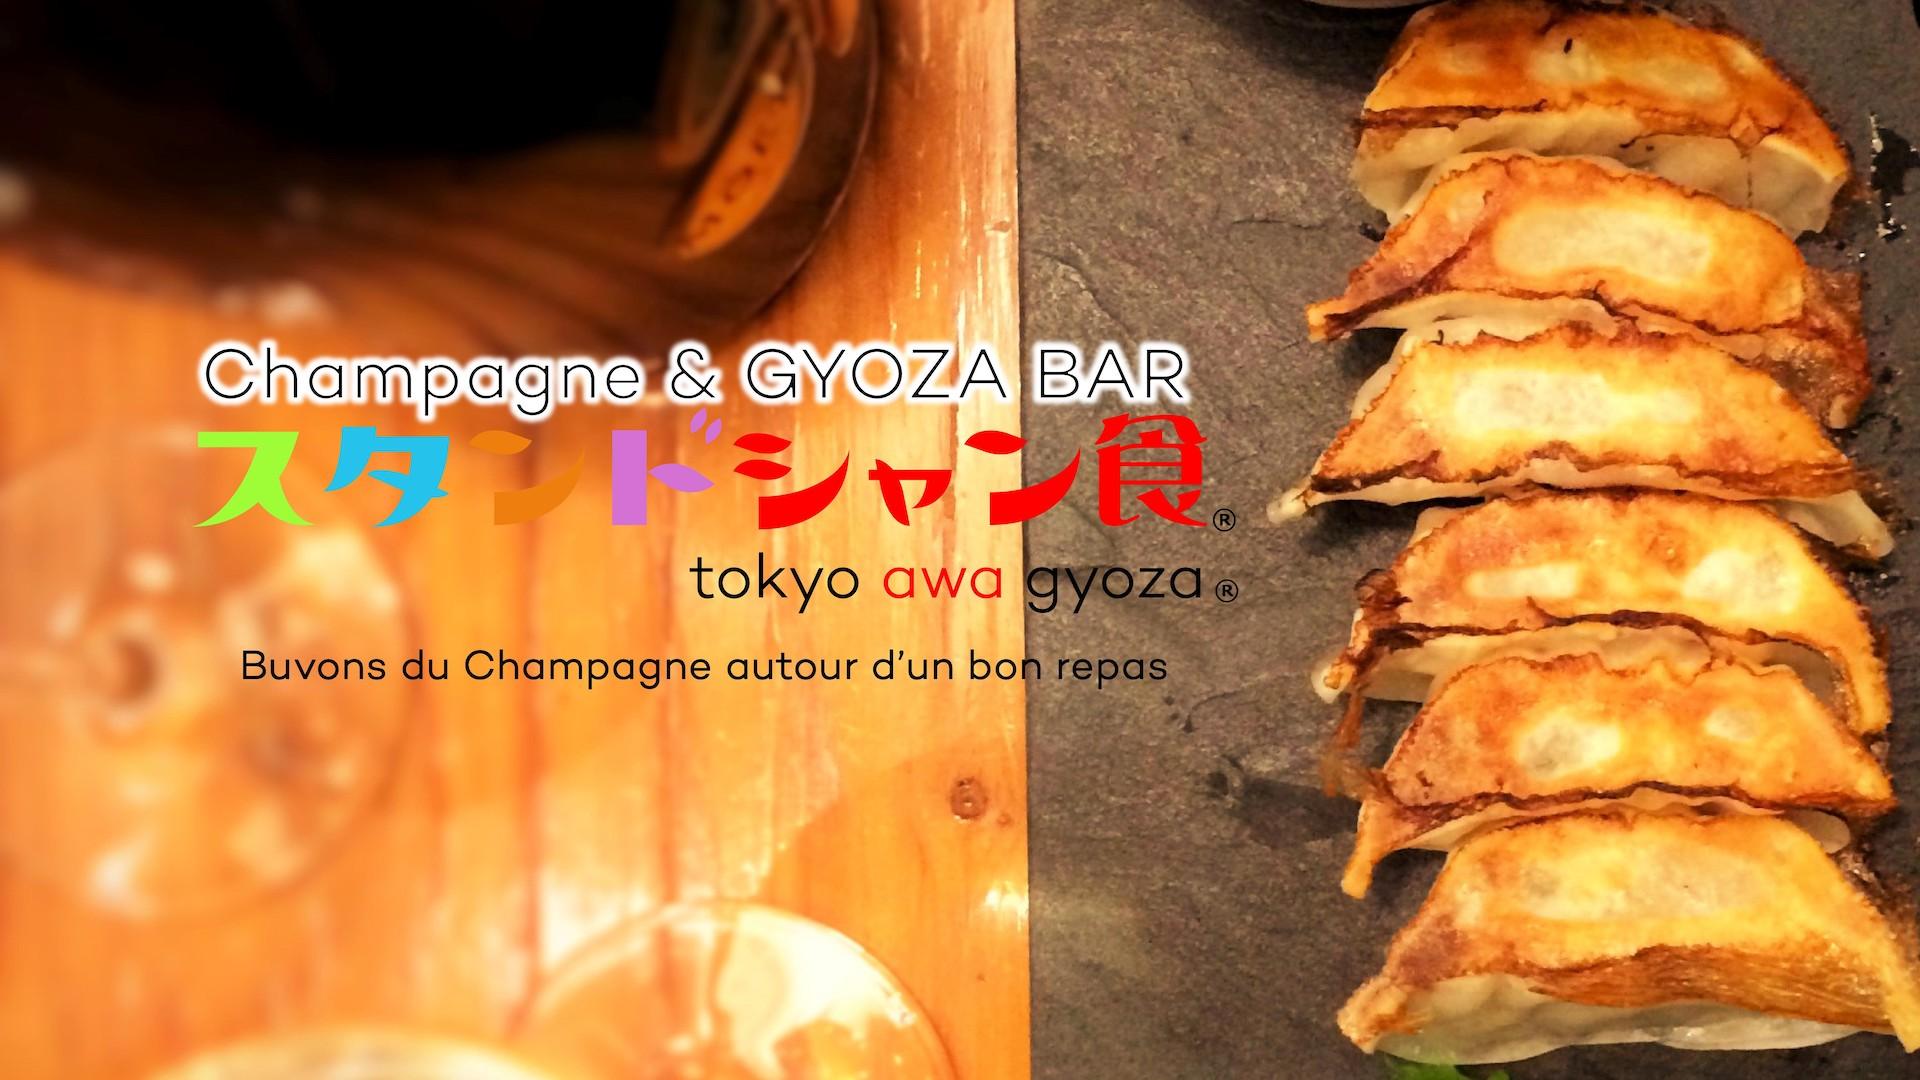 Champagne & GYOZA BAR